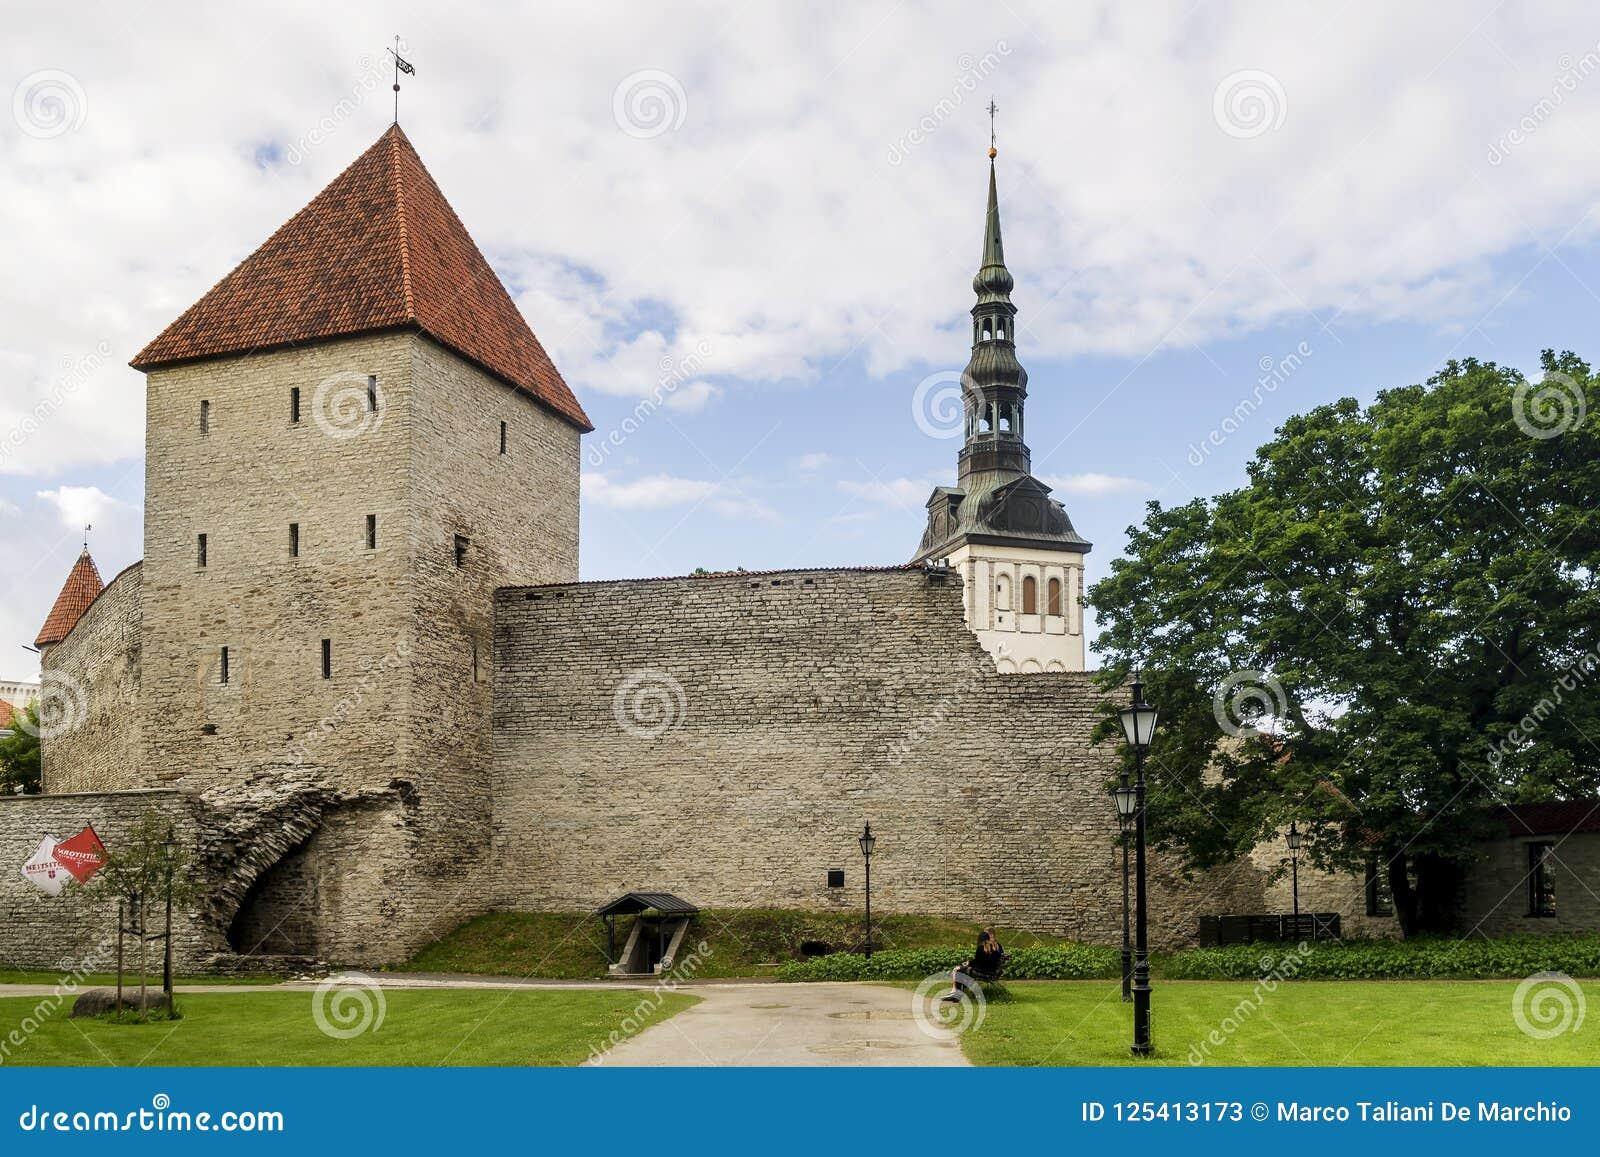 El campanario de la iglesia de San Nicolás aparece detrás de las torres y de las paredes medievales de la ciudad vieja de Tallinn